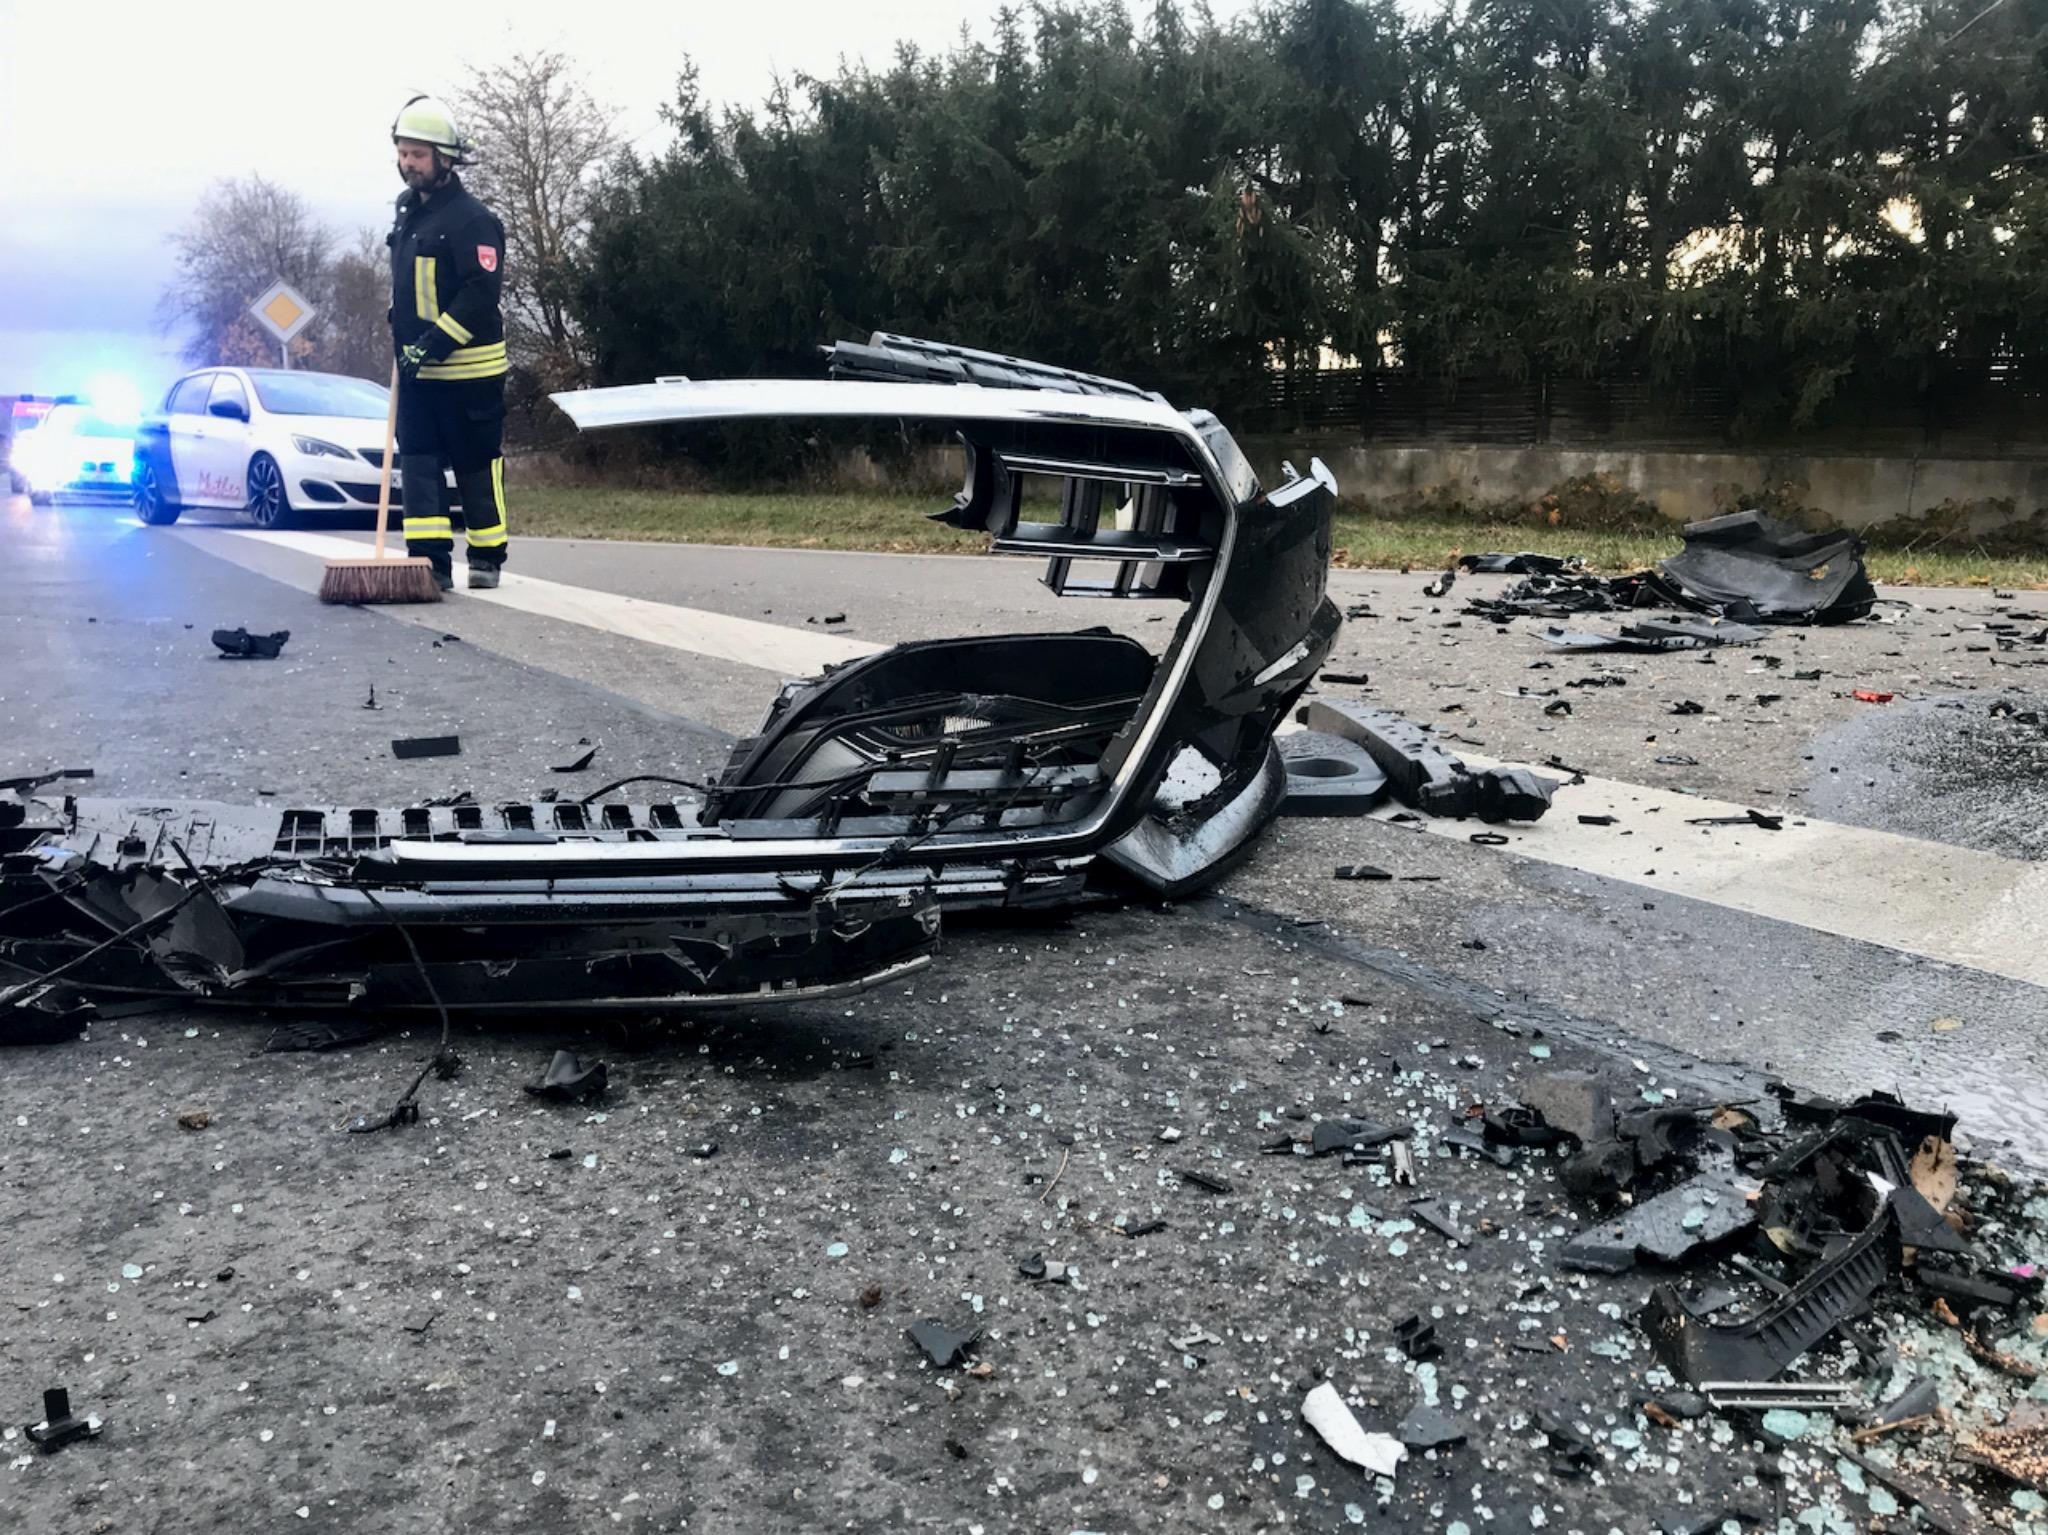 Ein Verkehrsunfall forderte drei Verletzte. Foto: Moritz Hornung, Feuerwehr Volkach